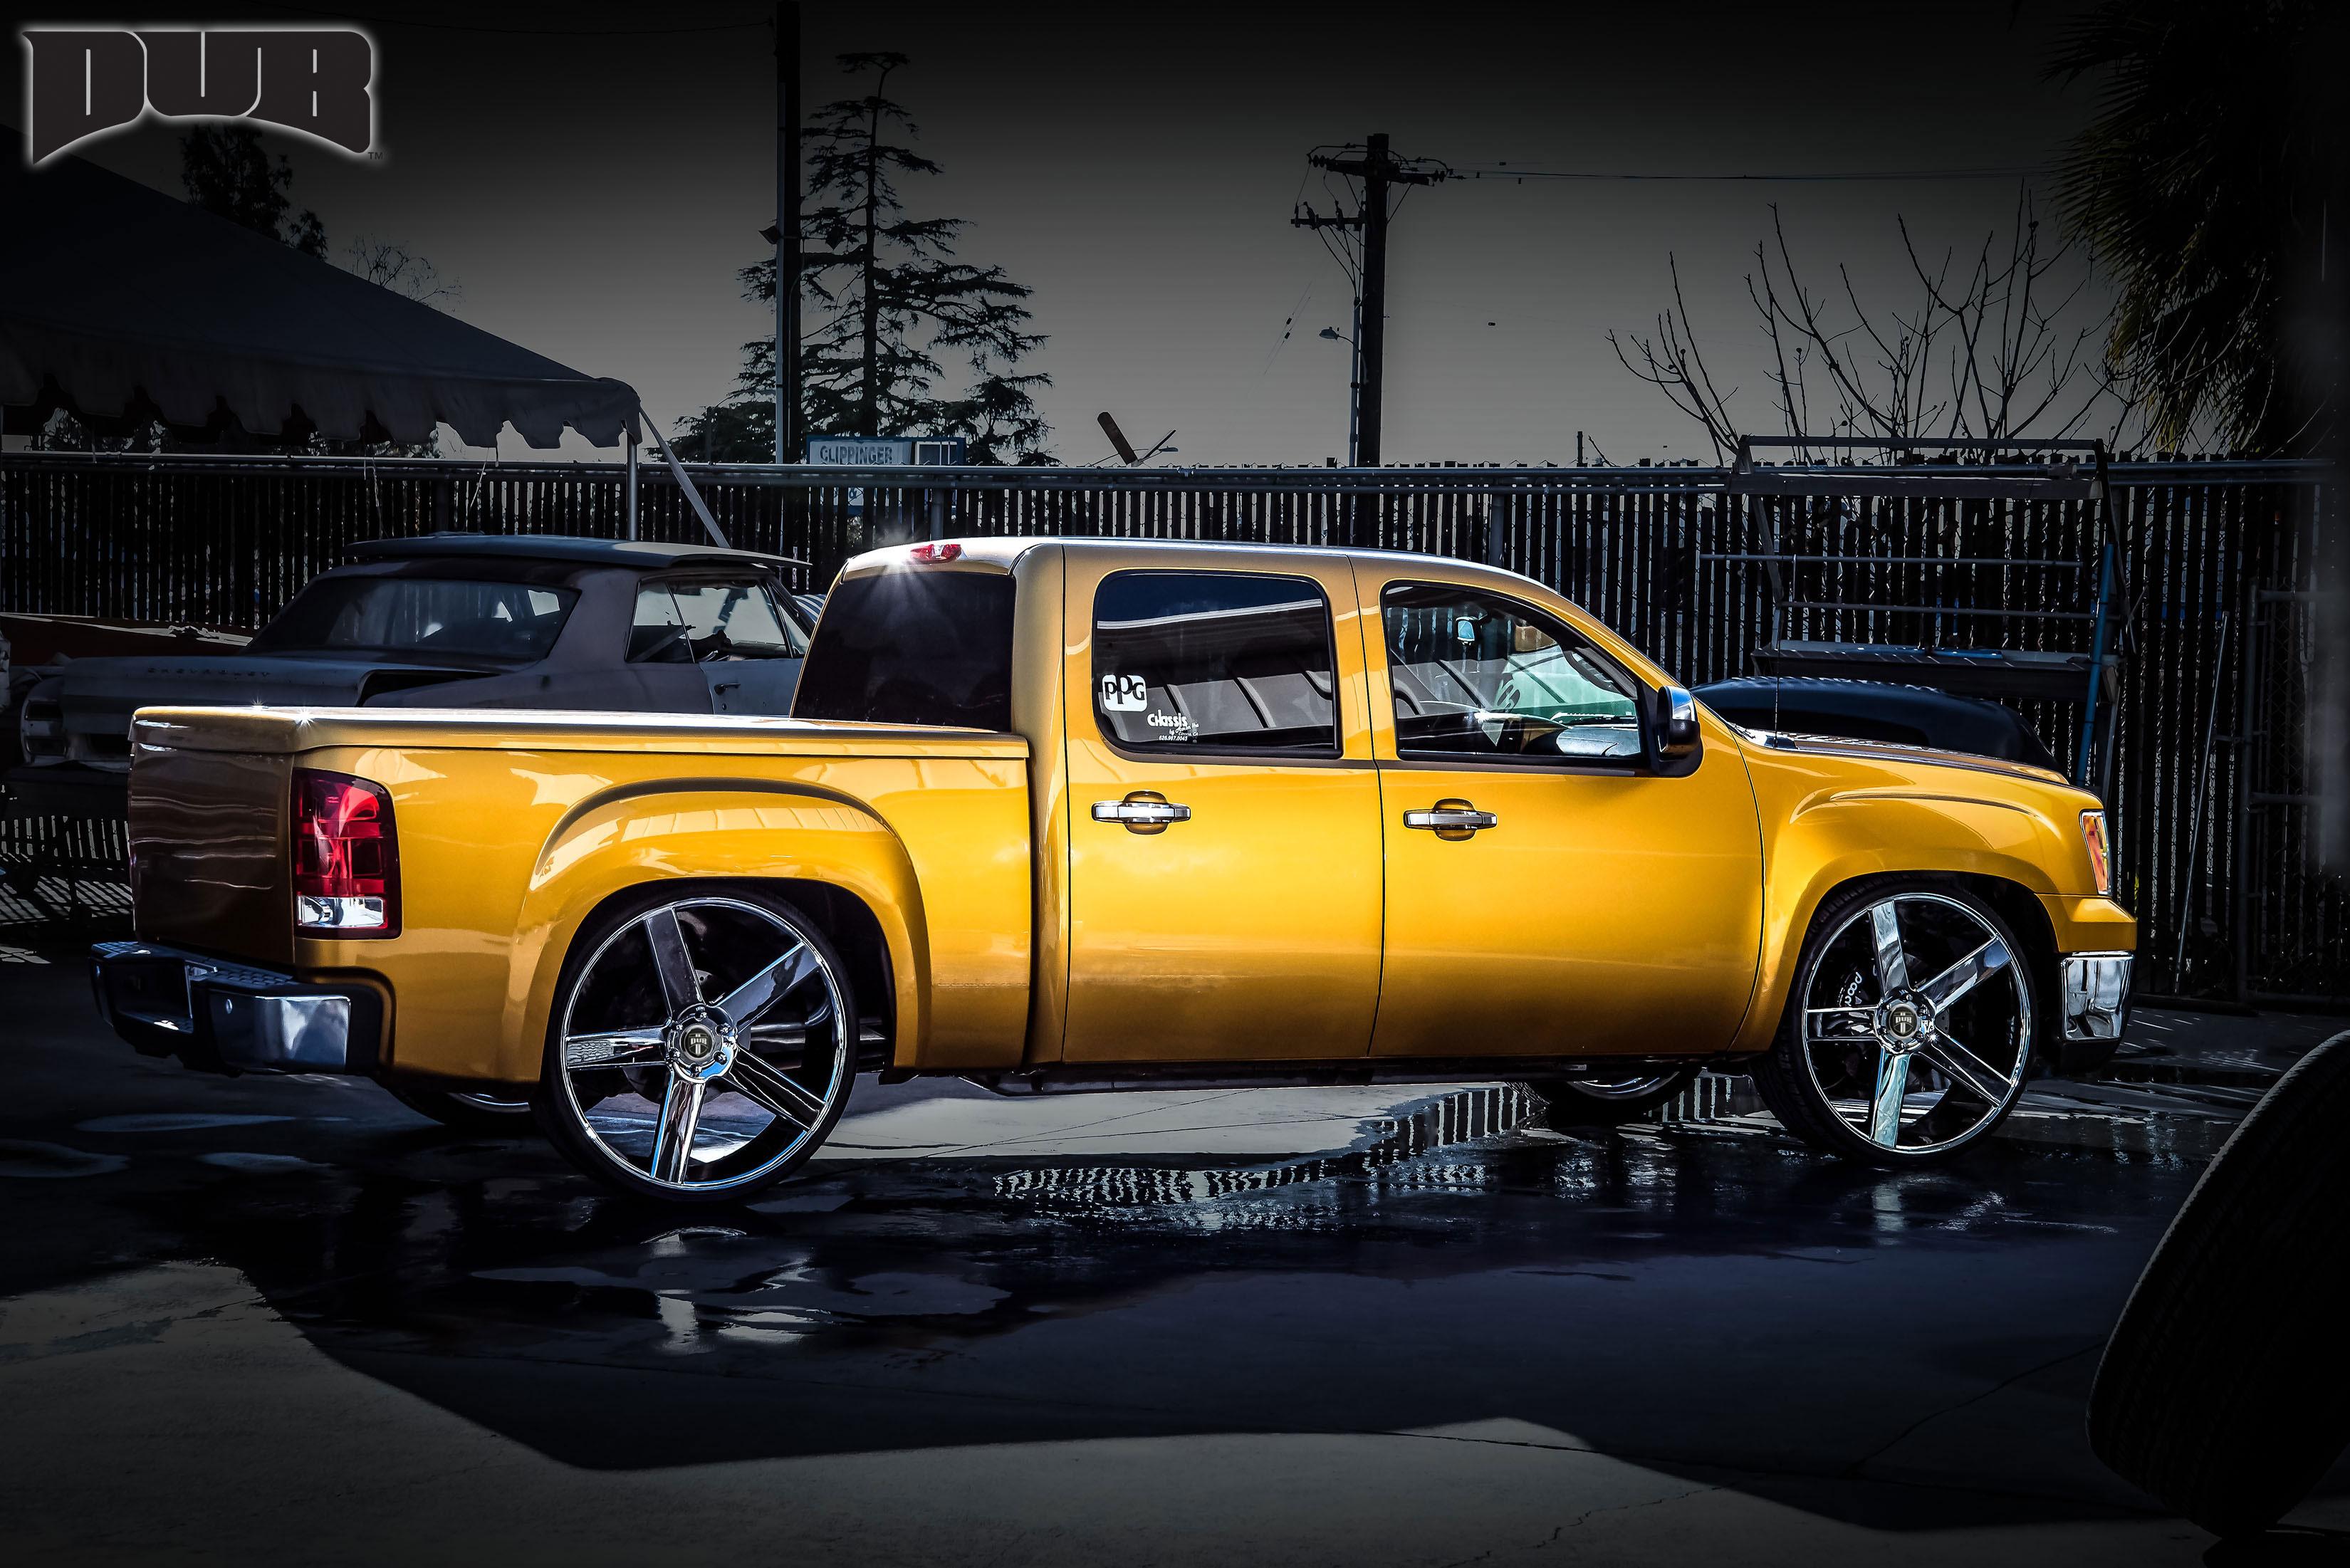 Chevrolet Silverado 2500 Baller - S115 Gallery - MHT Wheels Inc.